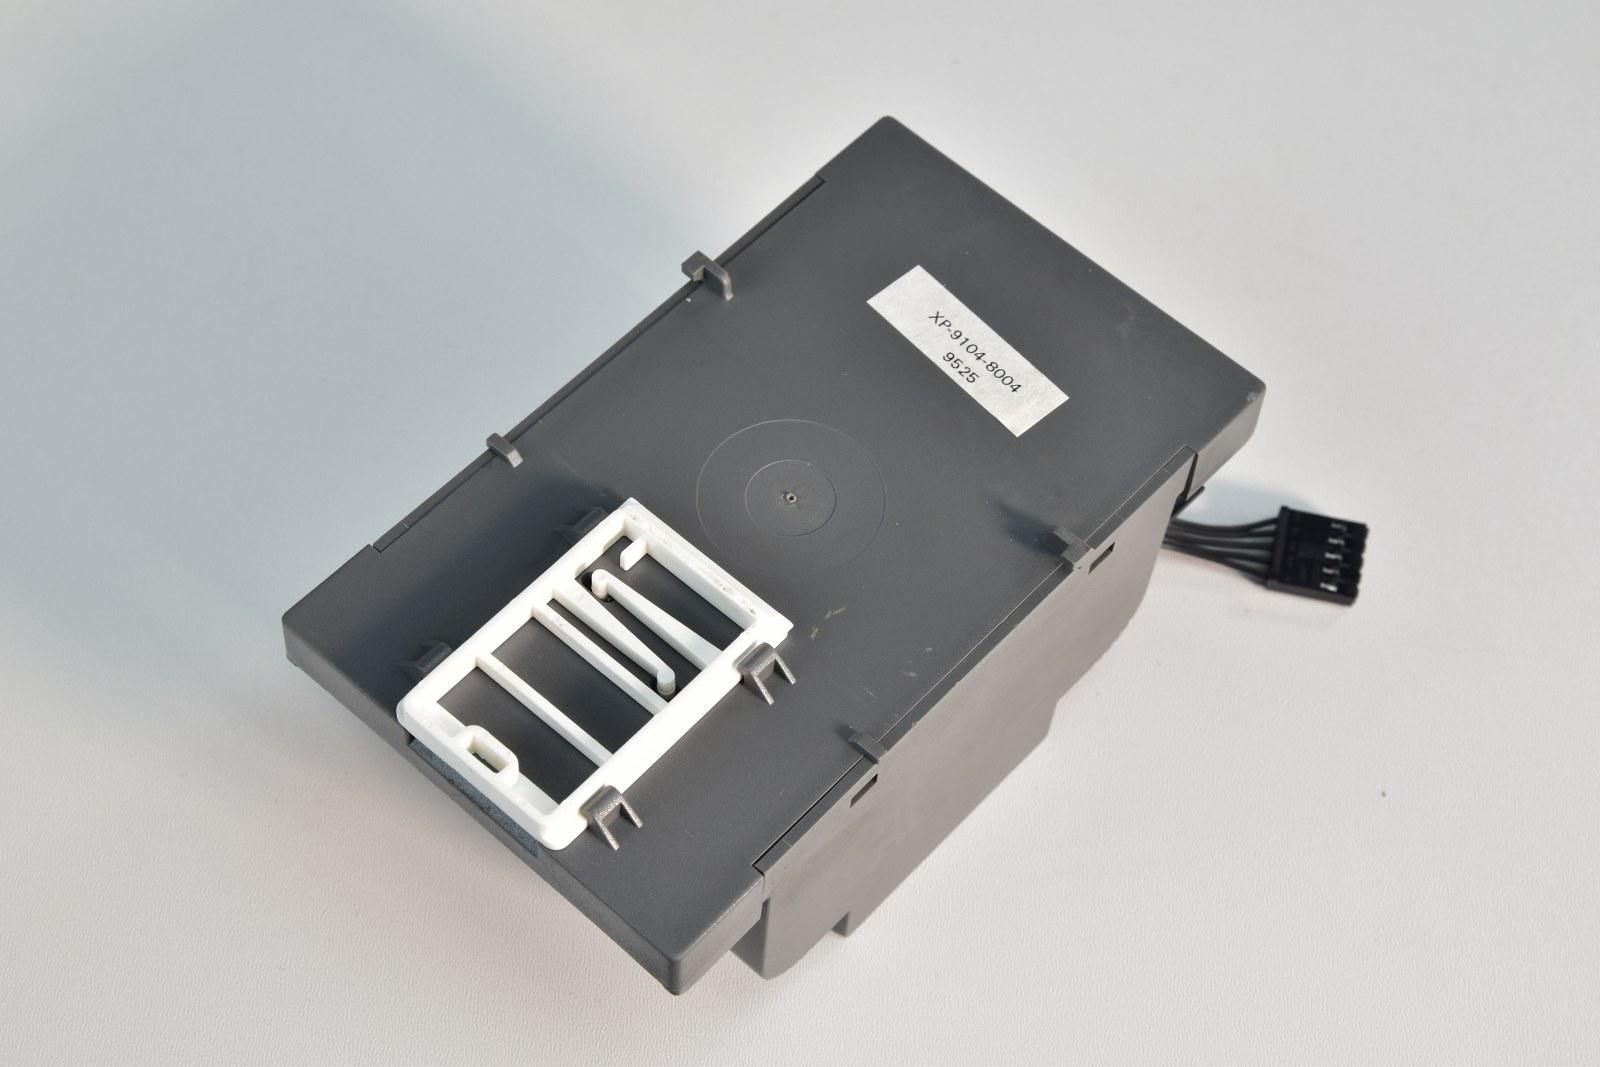 METASYS XP-9104-8004 / XP91048004, Johnson Controls Extension module